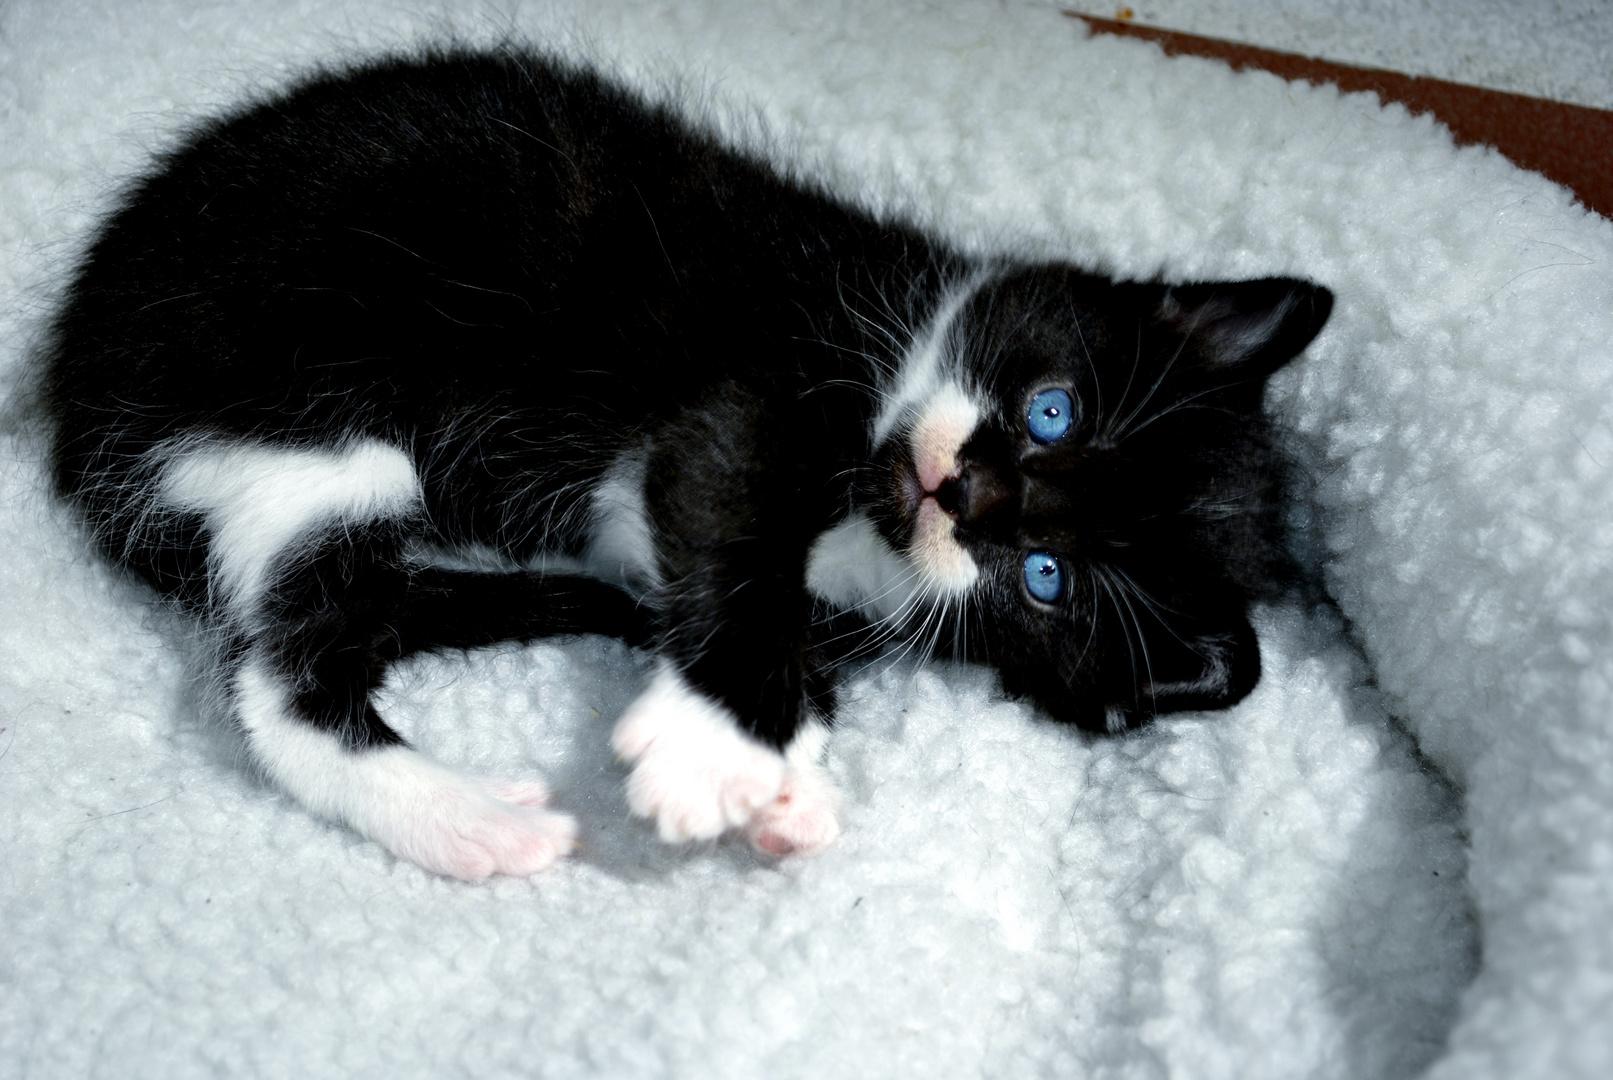 Petit chat de 1 2 mois photo et image animaux animaux - Image de petit chat ...